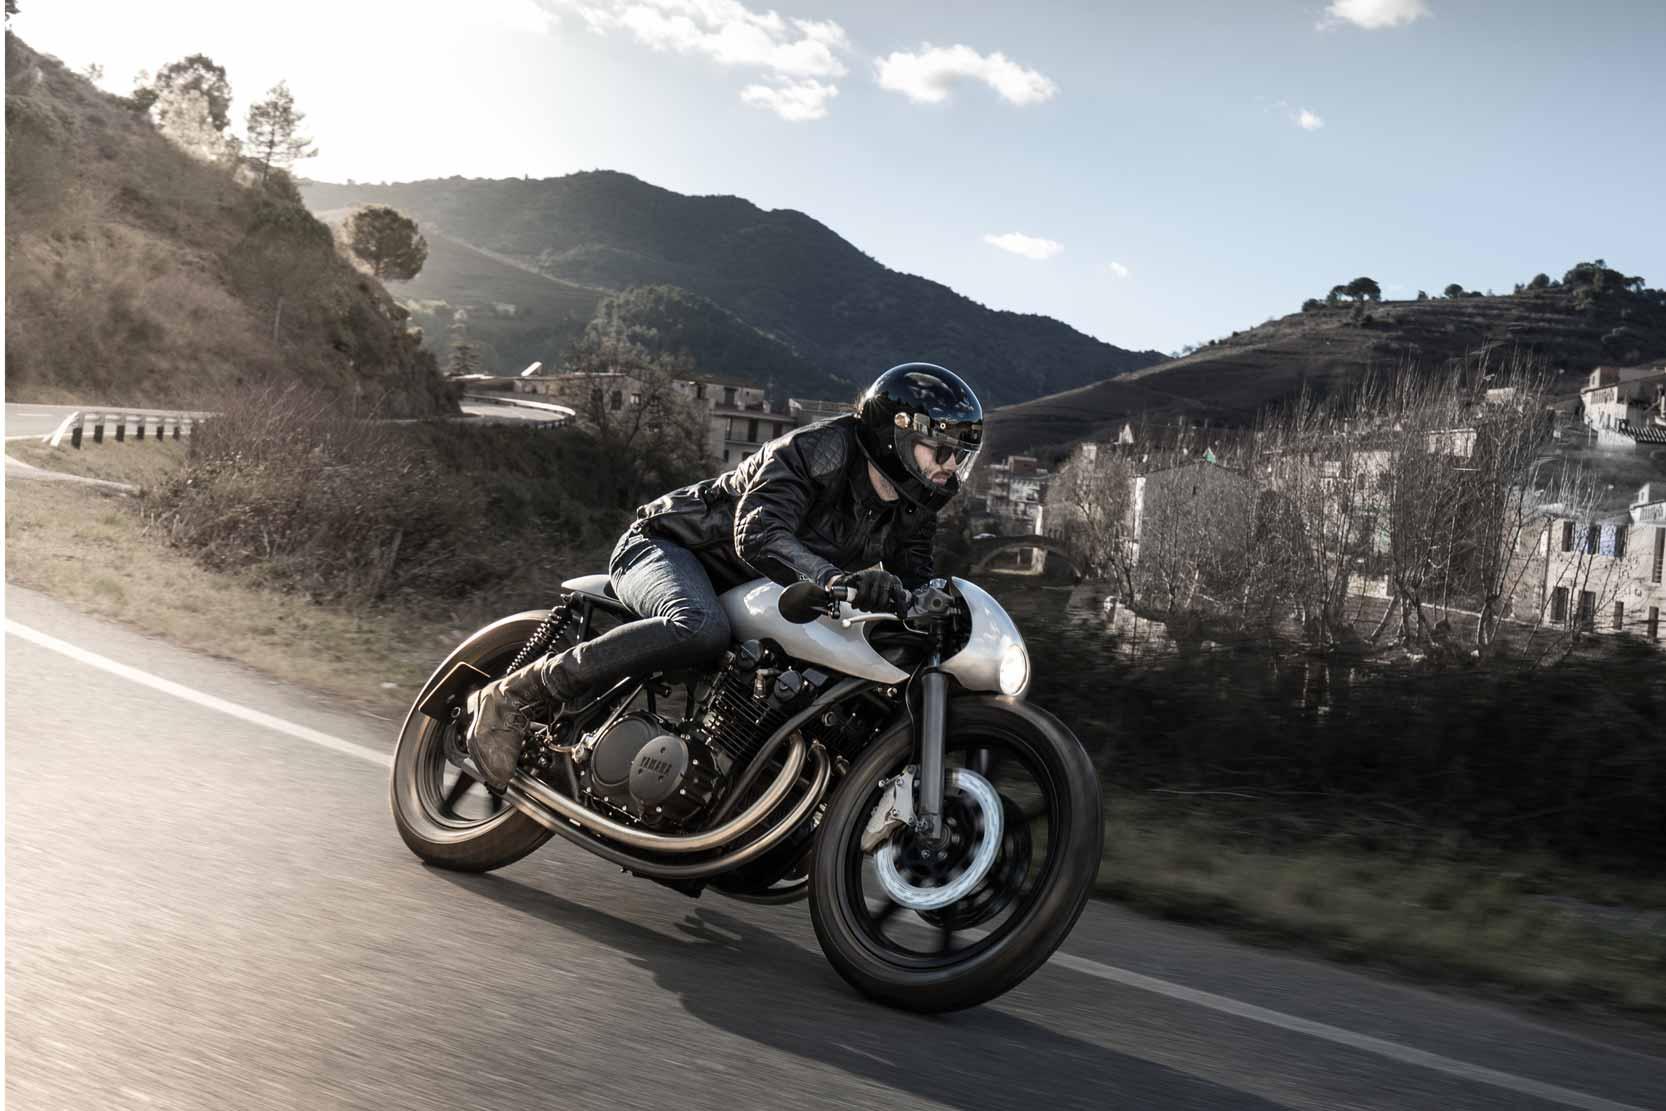 Avec une base de Yamaha XSR900, Auto Fabrica nous fait rêver avec cette Type 11